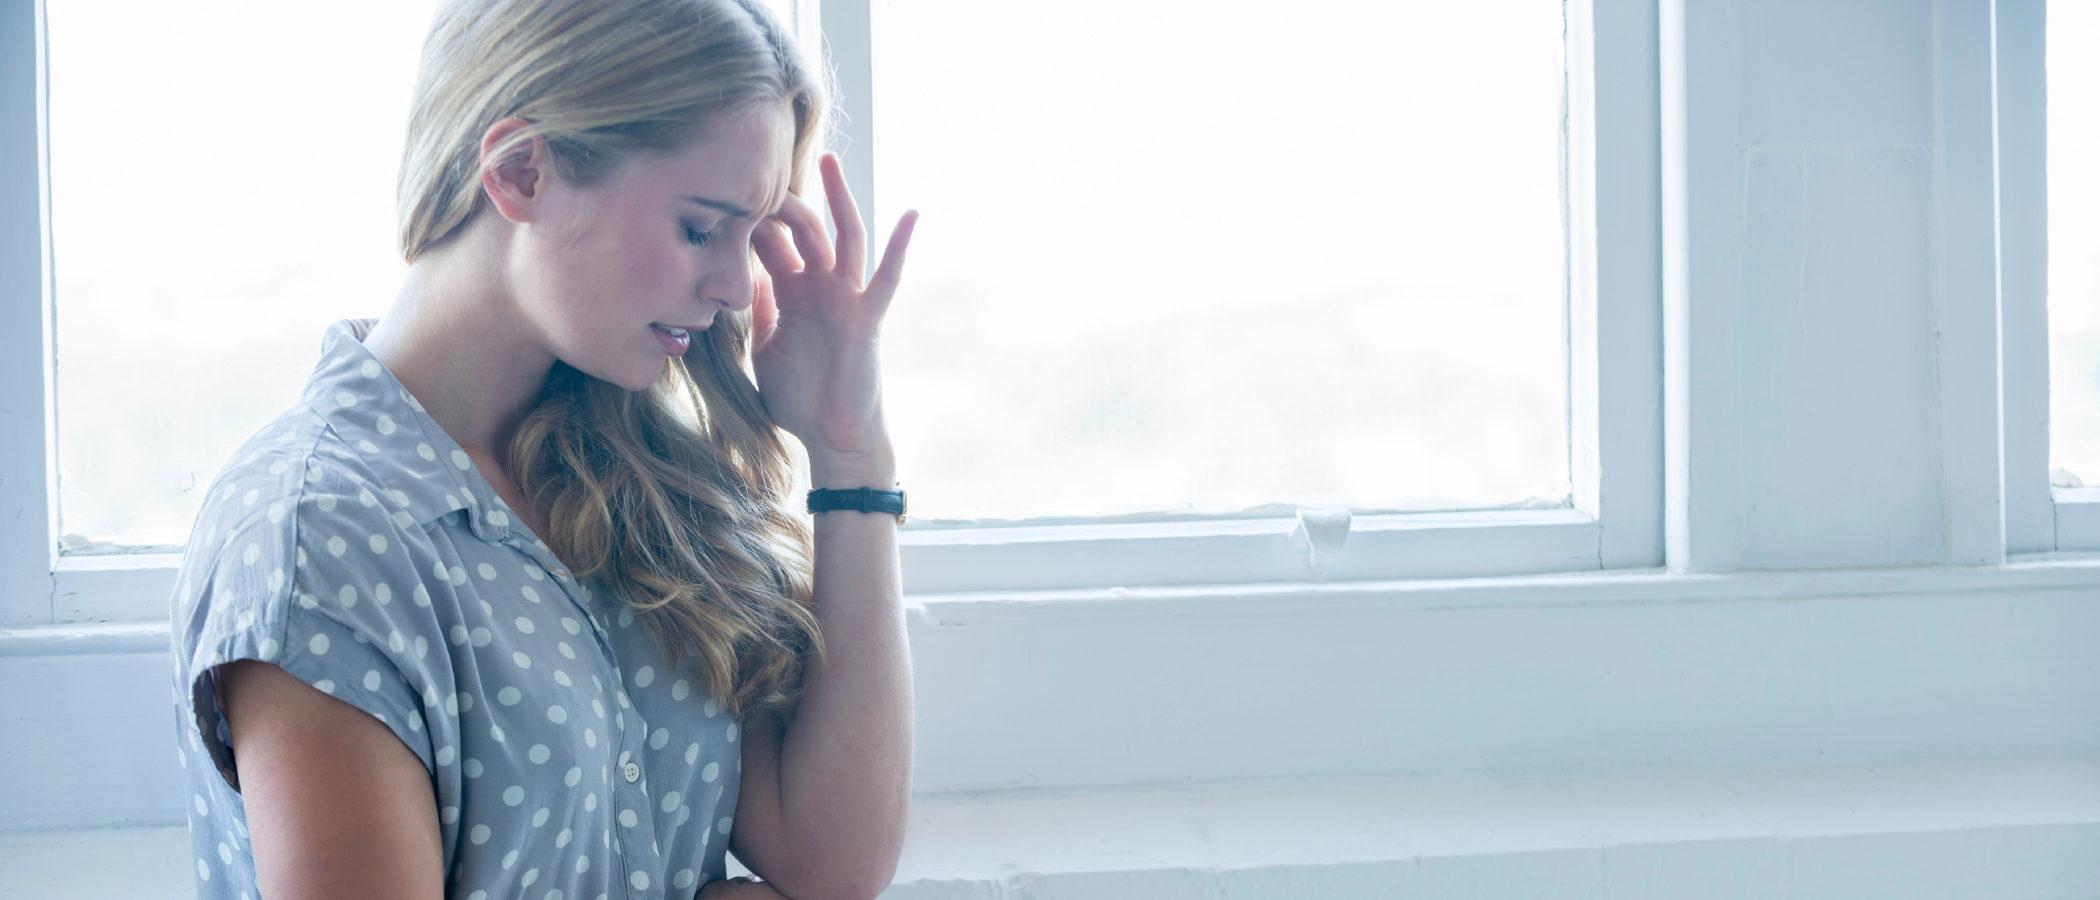 Síntomas que se pueden confundir con un embarazo